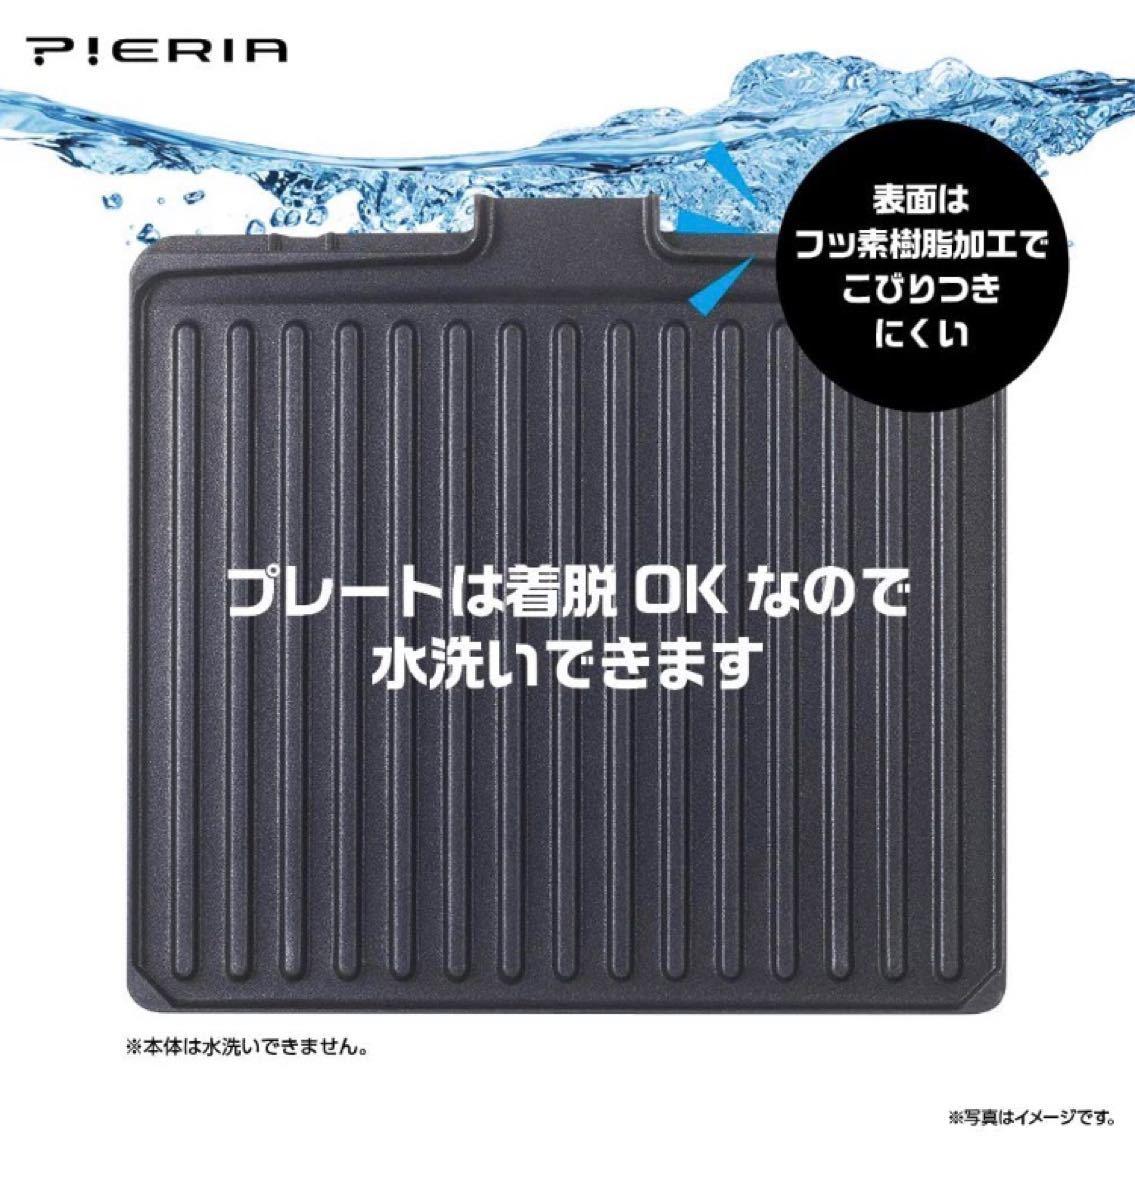 【値下げしました】ドウシシャ プレスグリルメーカー(波型) ピエリア HPU-131BK